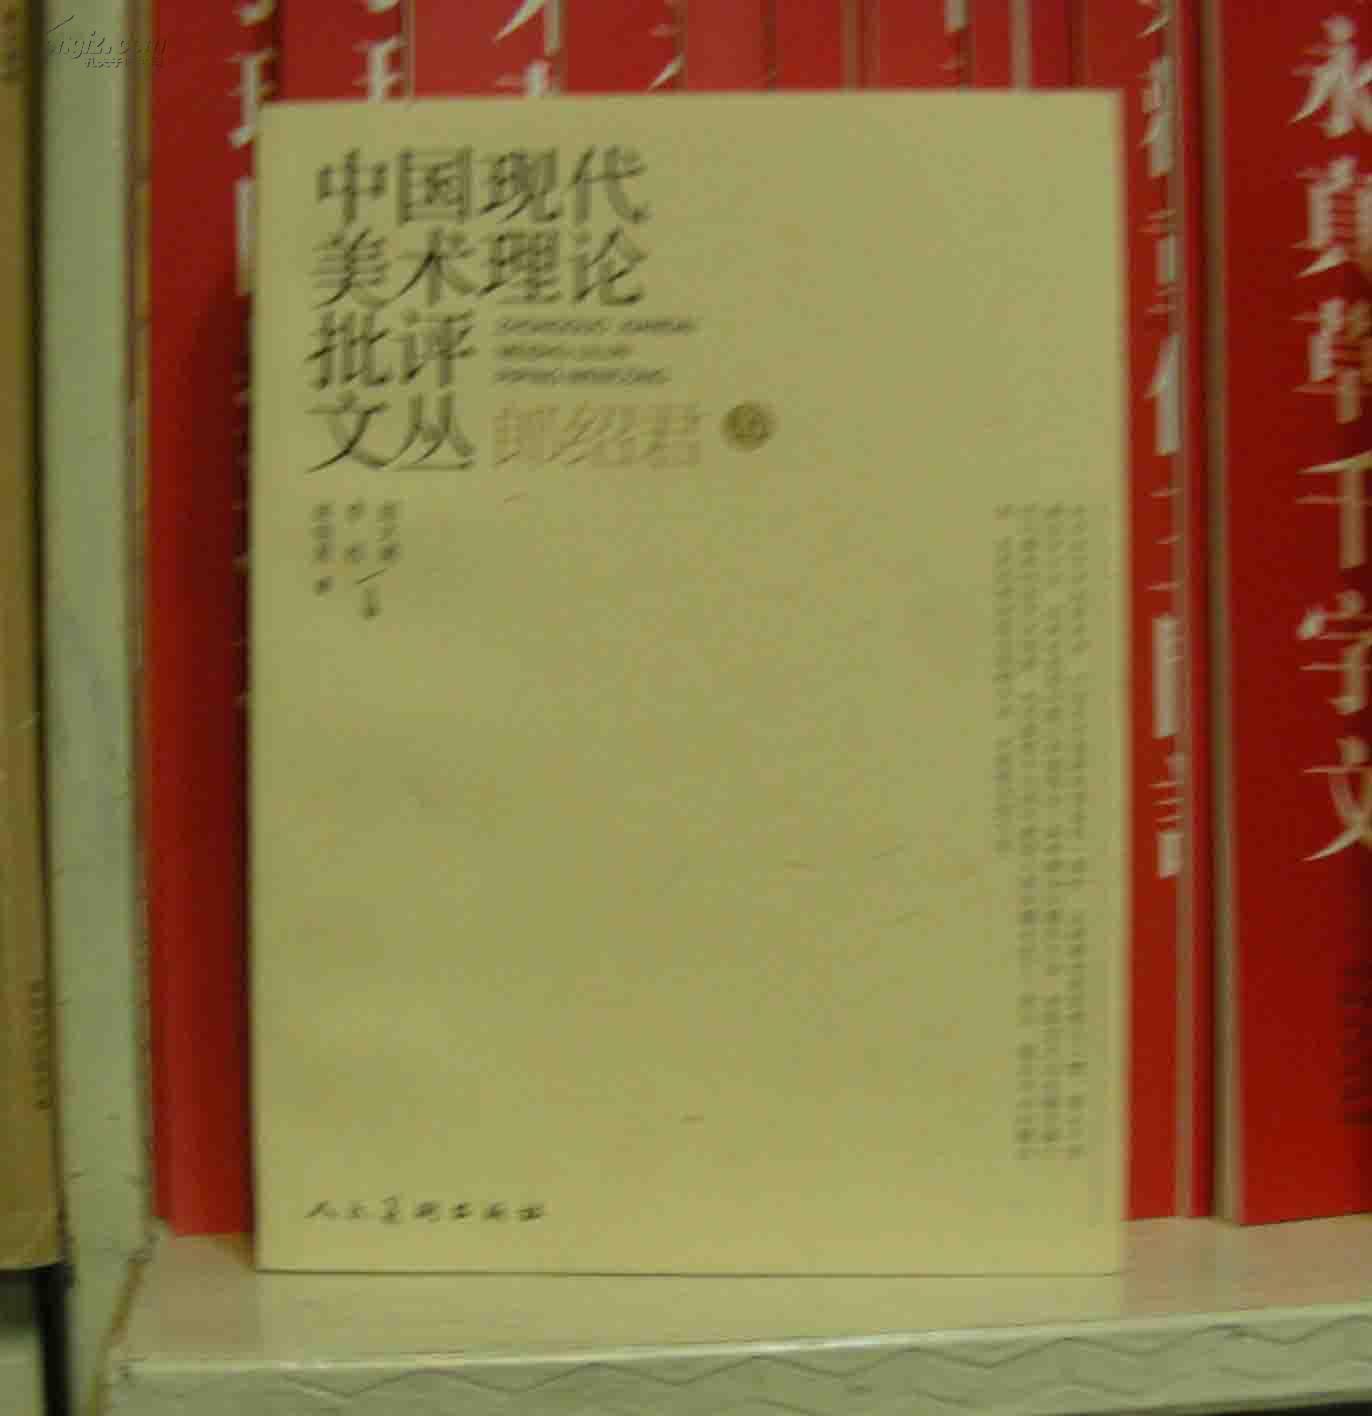 【图】中国现代美术理论批评文丛·郎绍君图片